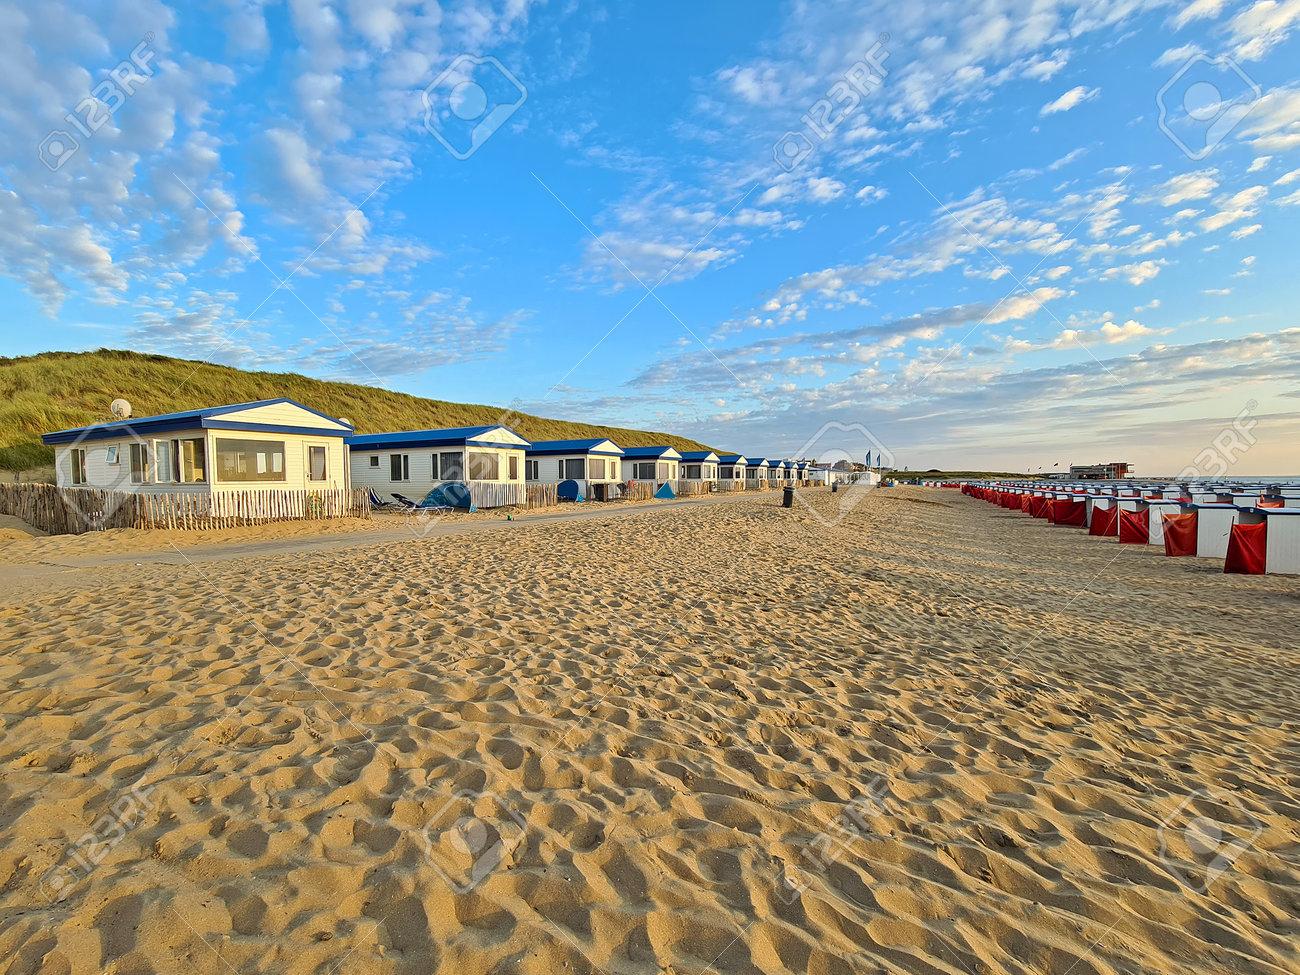 Beach houses at Katwijk aan Zee in the Netherlands - 173297760